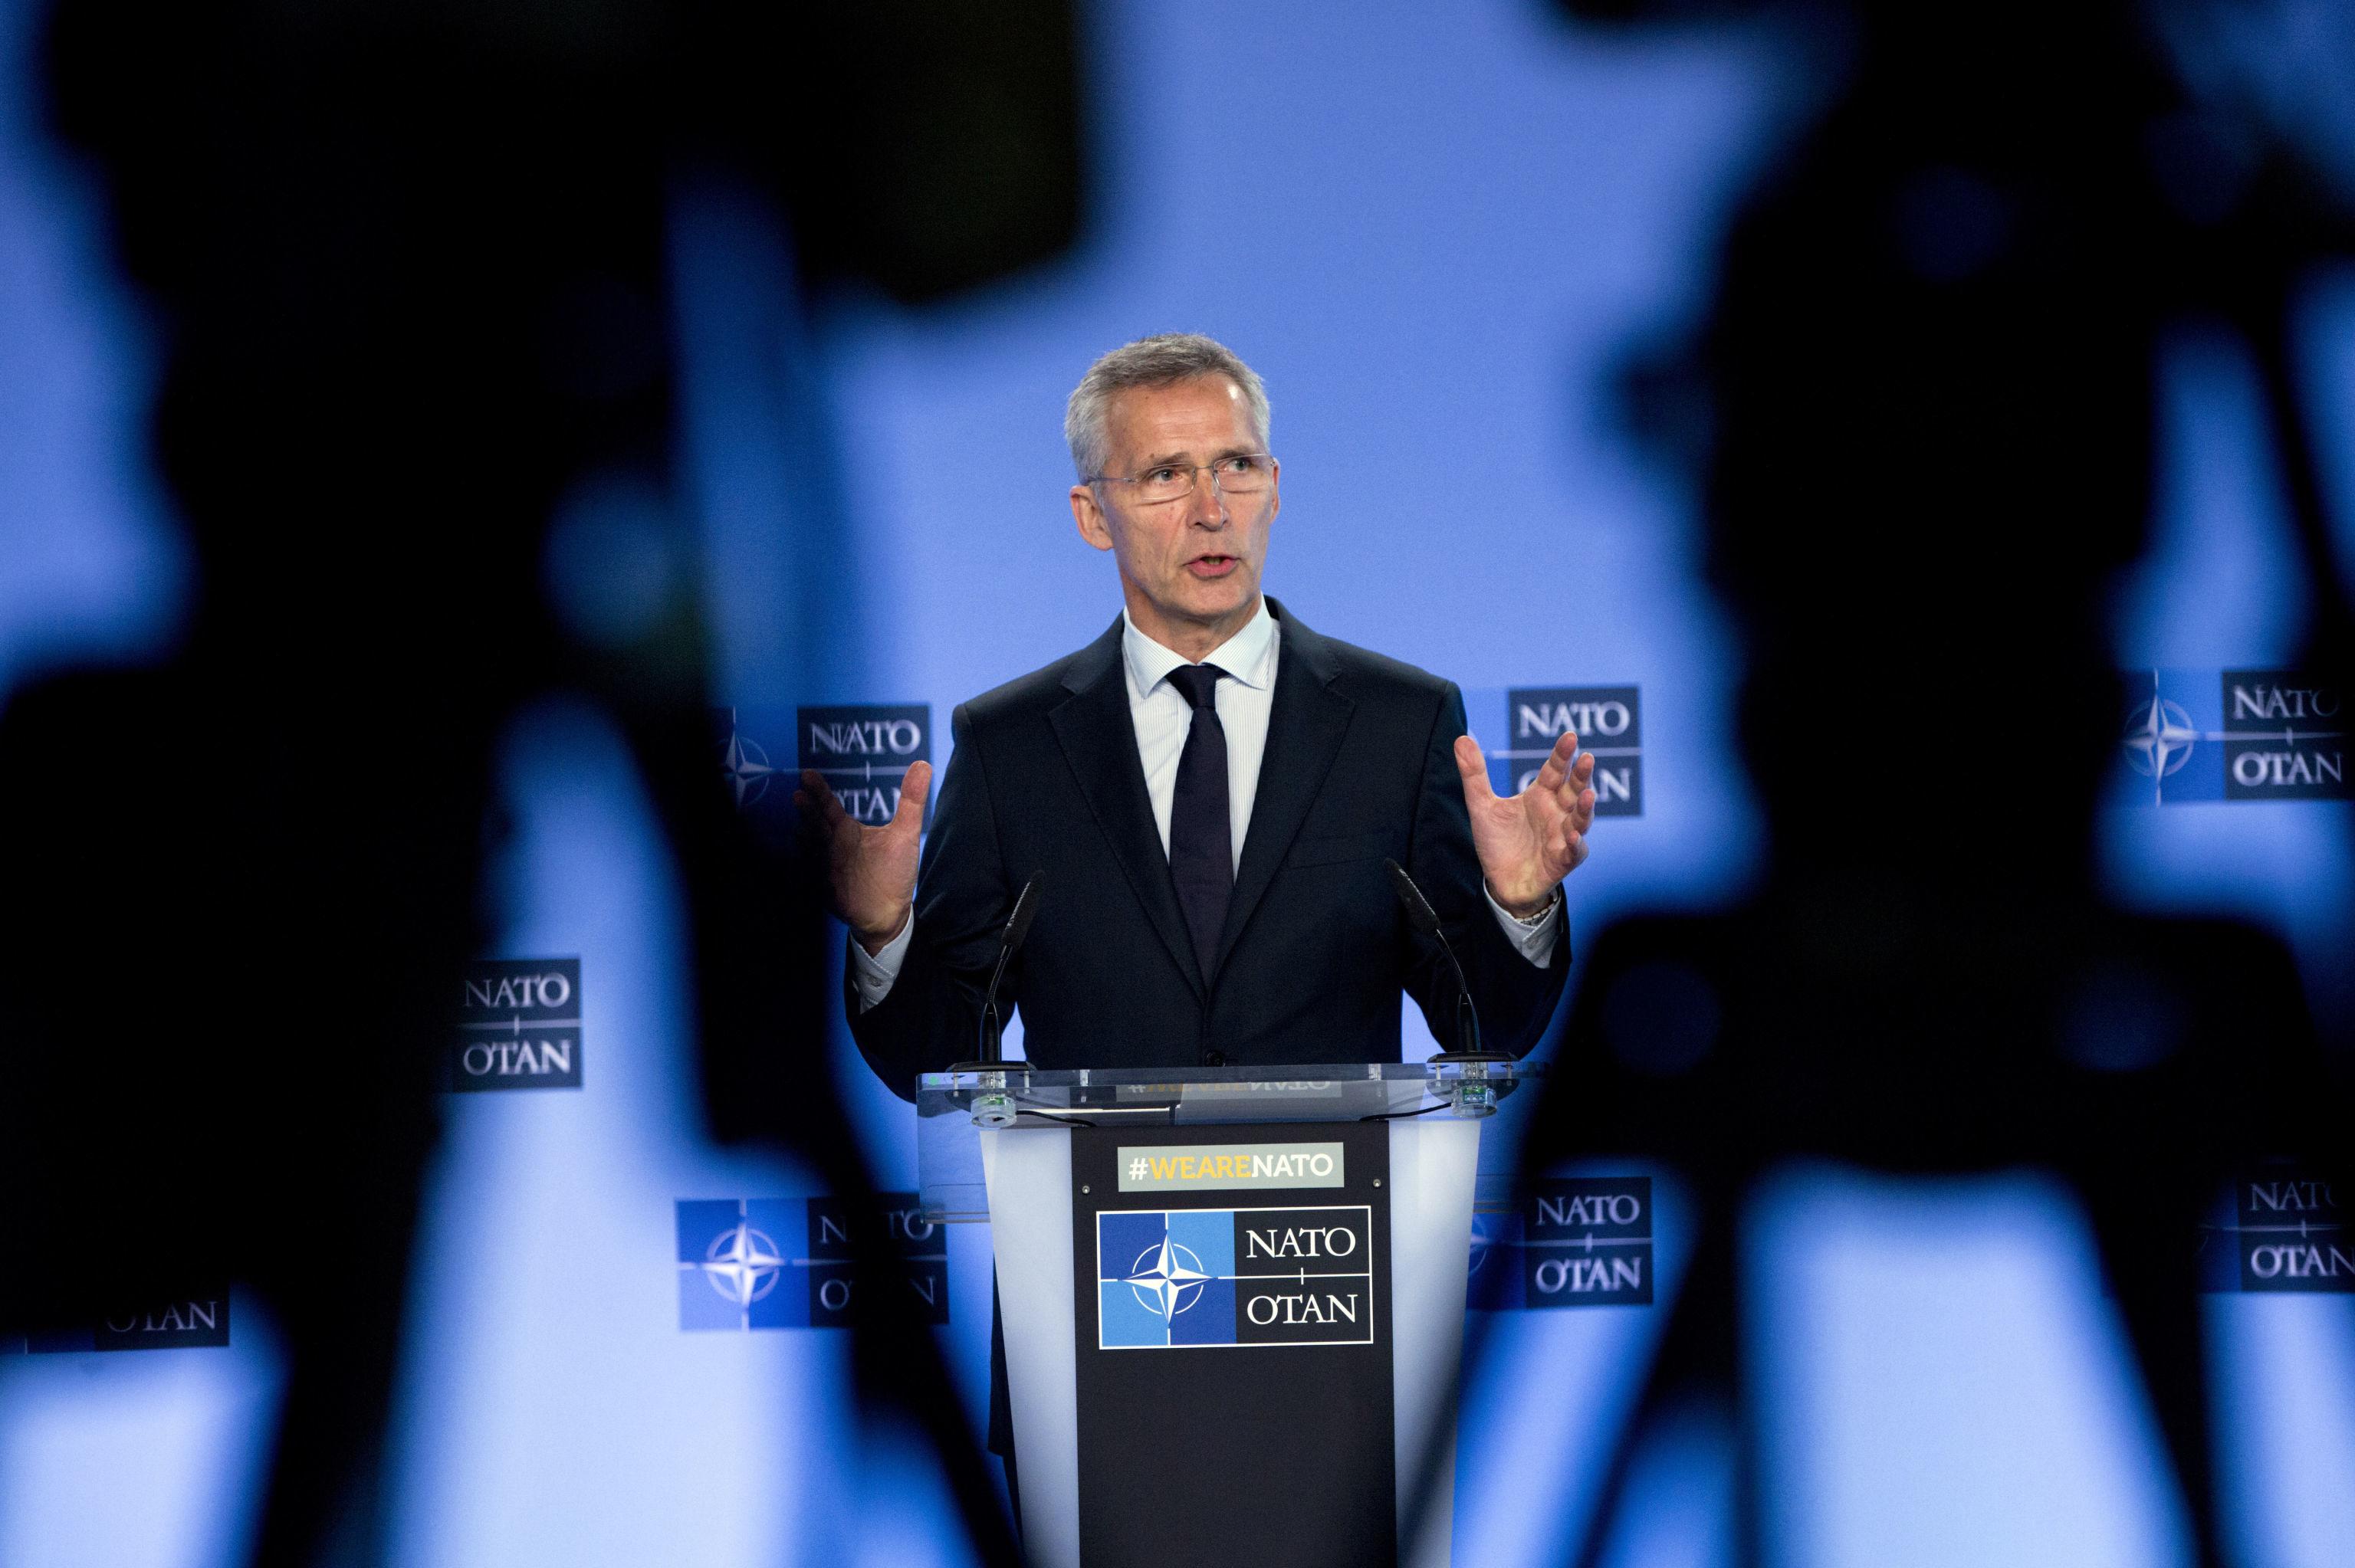 Porta-voz da OTAN e ex-primeiro ministro da Noruega, Jens Stoltenberg